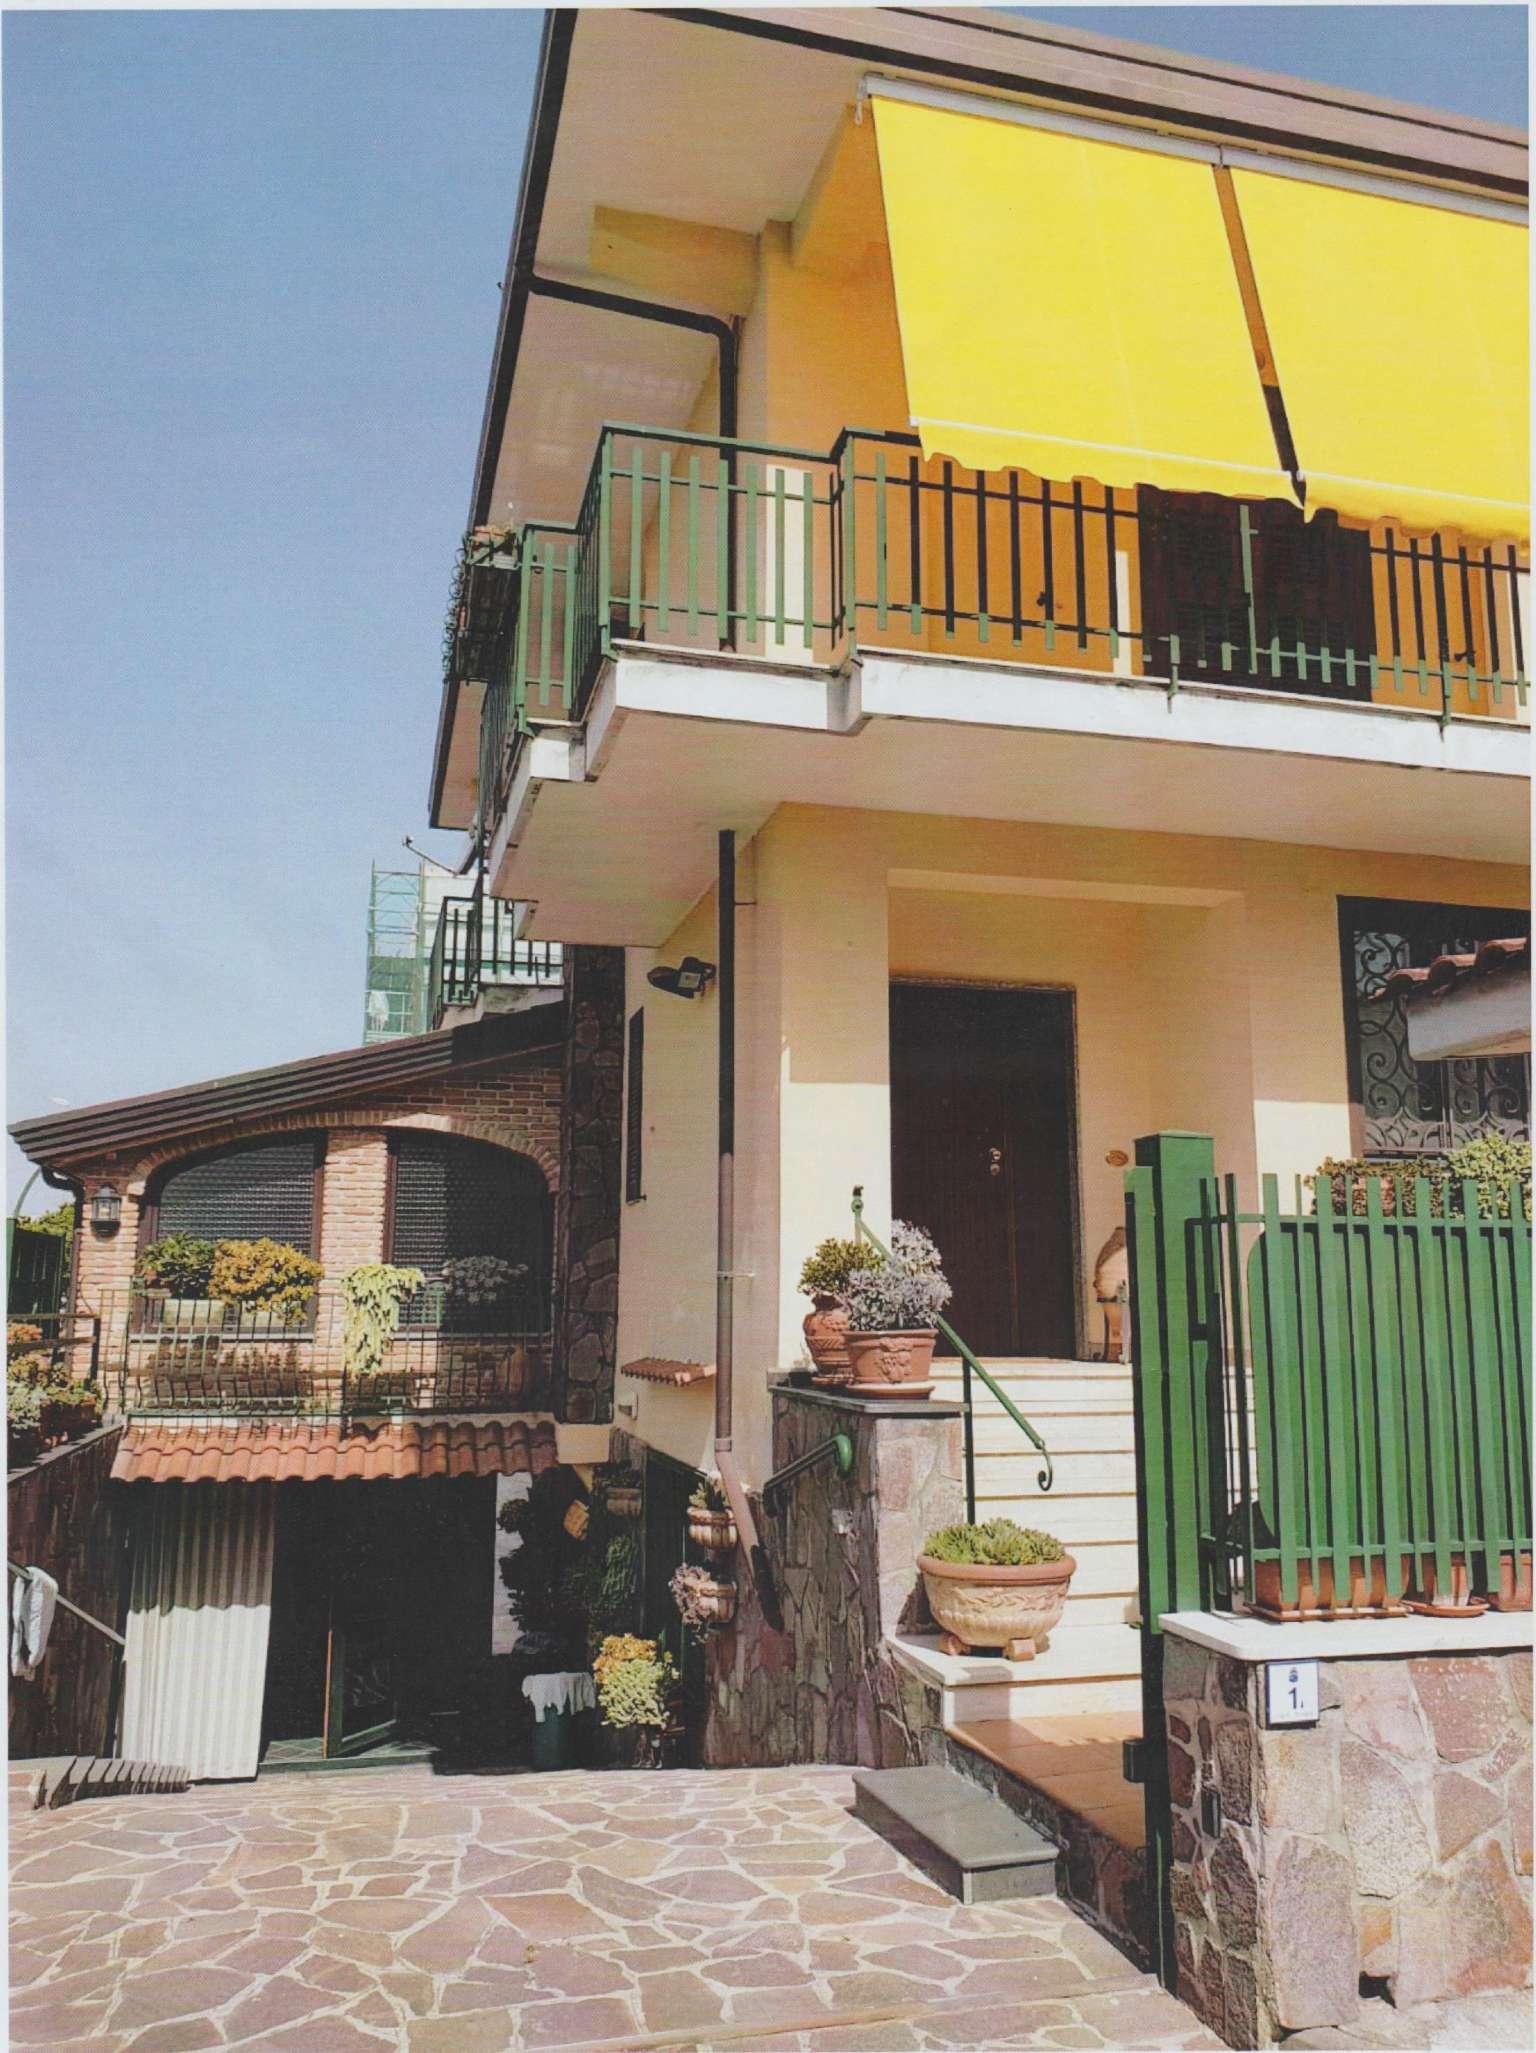 Pomigliano d'Arco Vendita VILLA Immagine 1